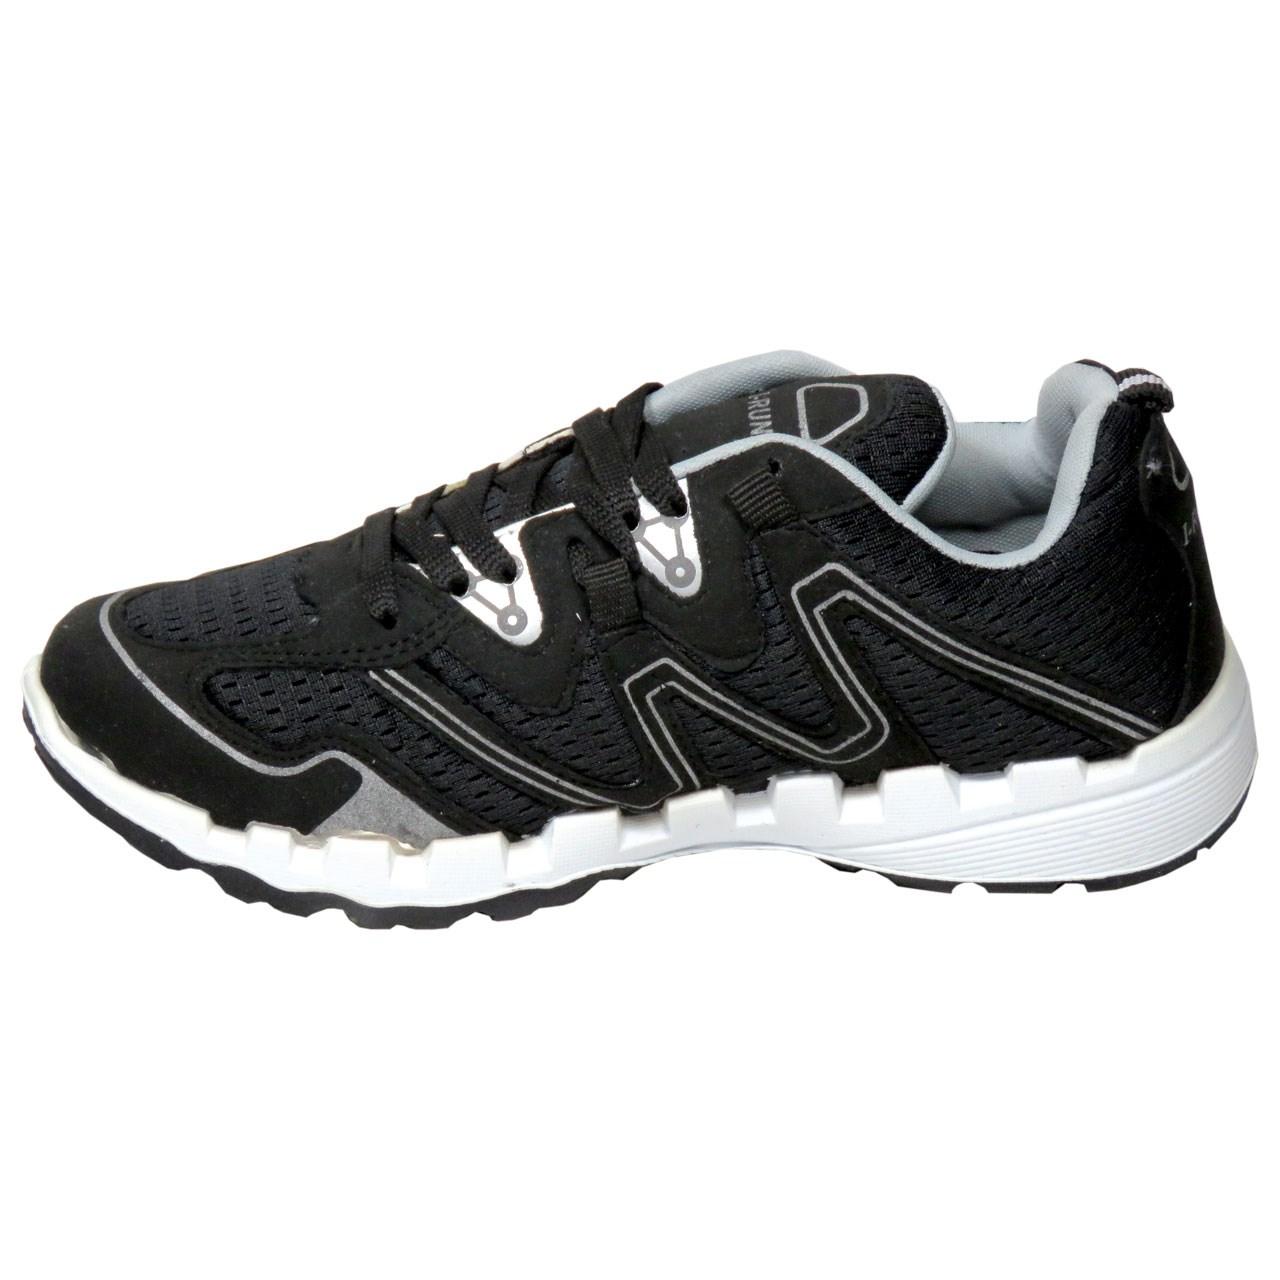 قیمت کفش ورزشی مردانه مدل آی ران کد PR926